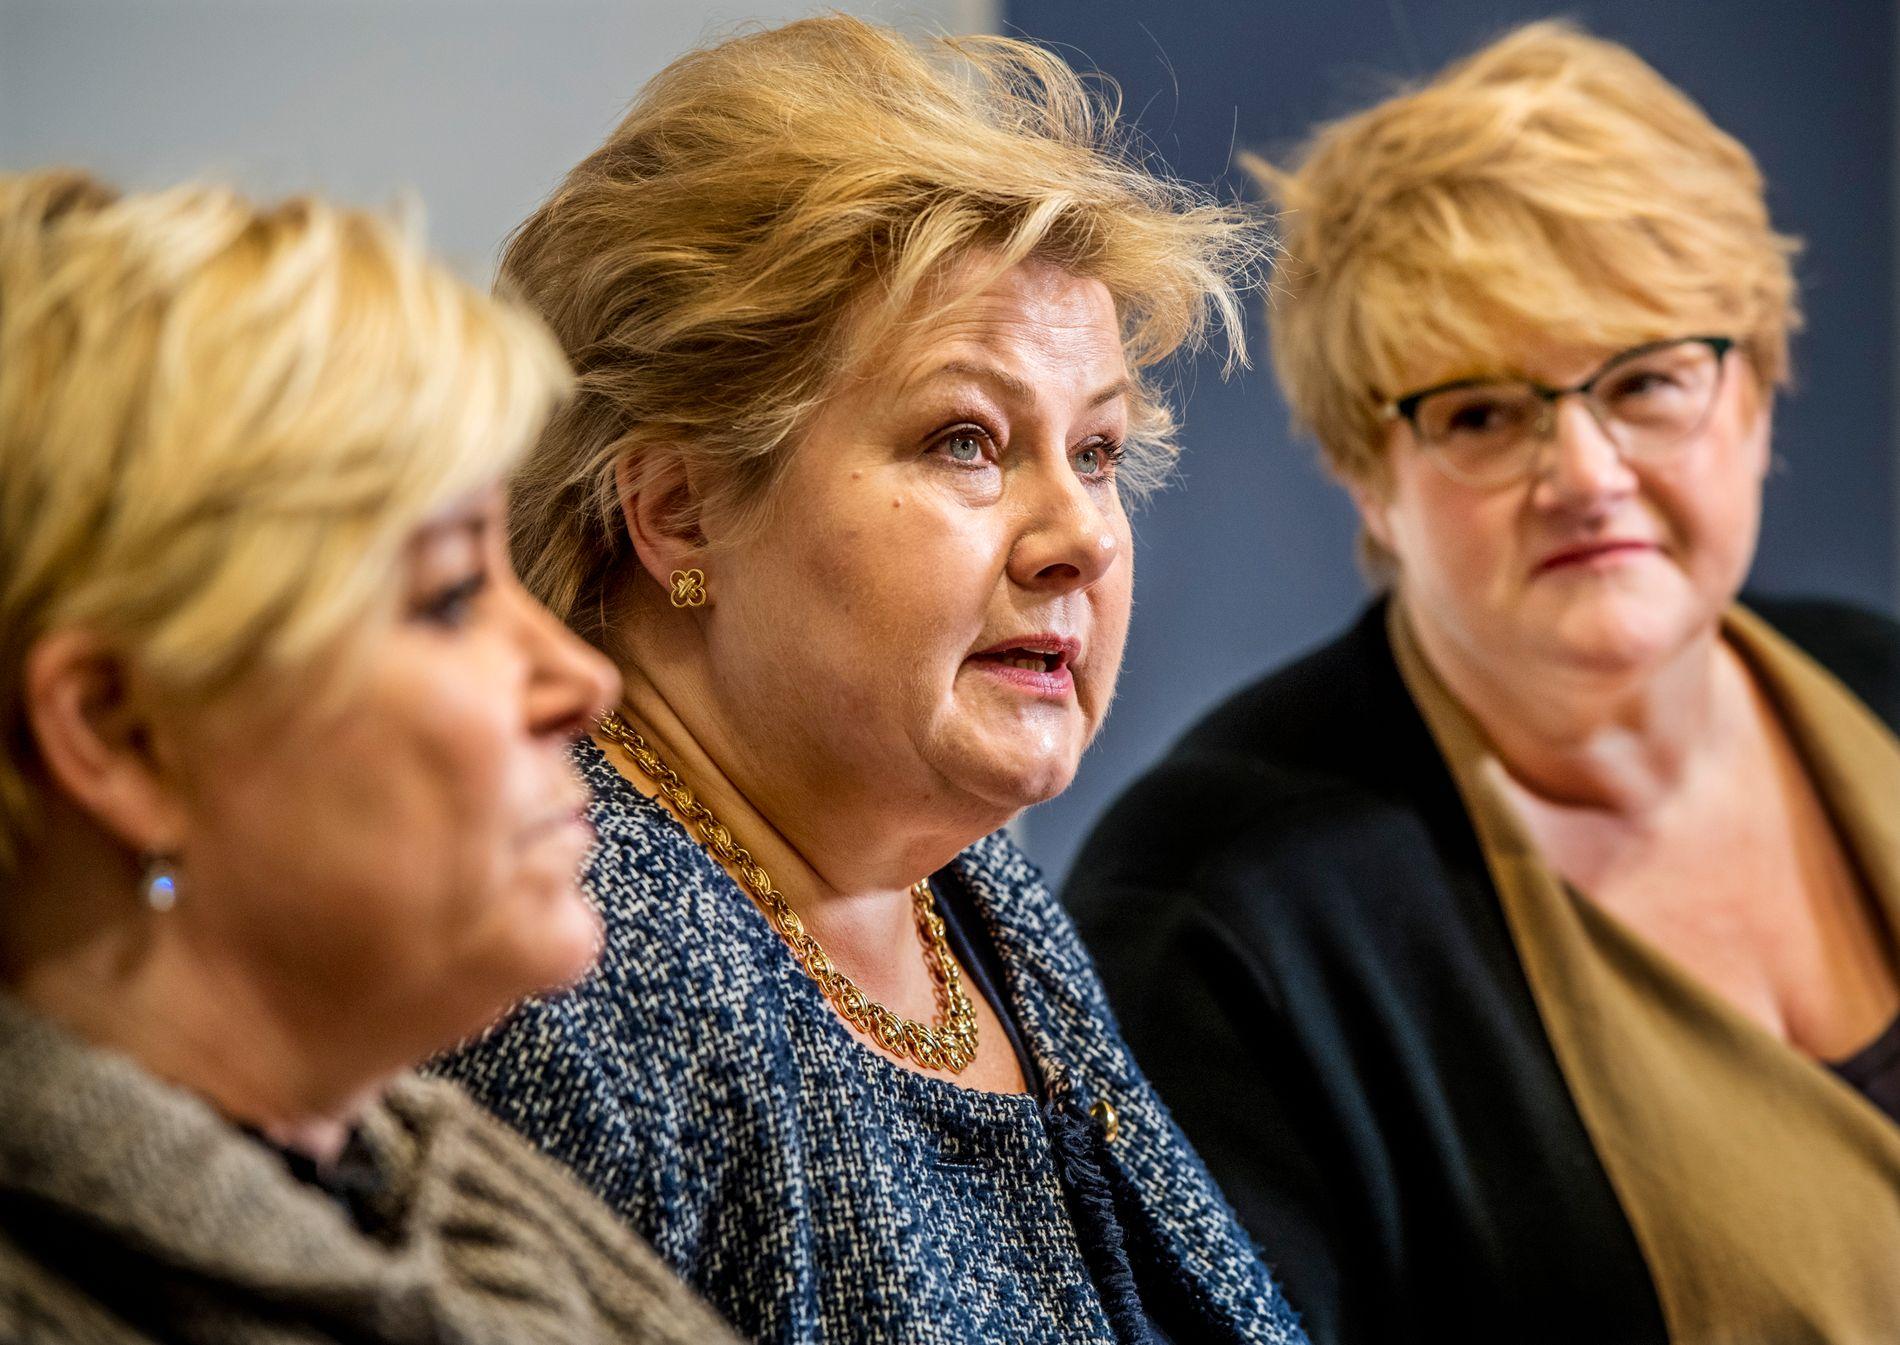 NY STATSRÅD: Venstreleder Trine Skei Grande ønsker at en ny regjering skal styrkes med en ministerpost for bistand.